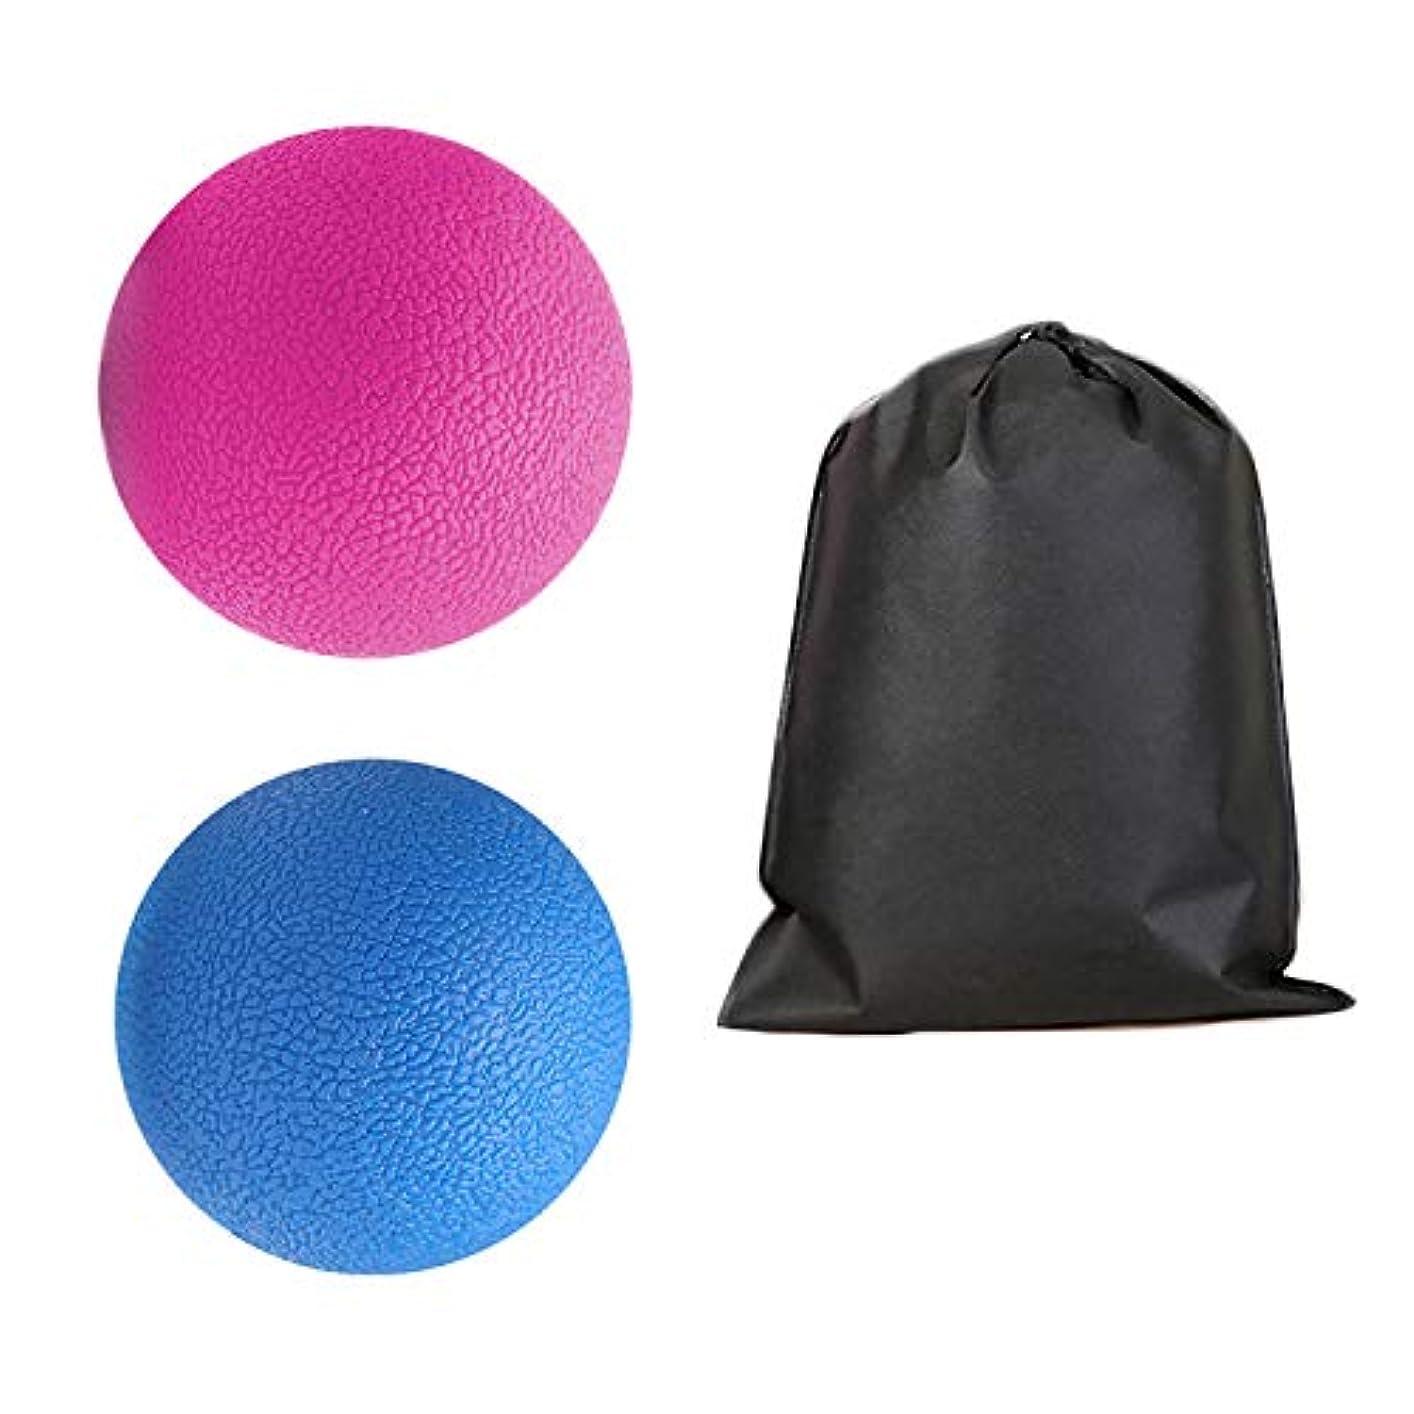 役割新しい意味ヒューマニスティックMigavan 2本マッサージボールローラーバックマッサージボール収納袋付きマッサージローラーボールマッサージャー